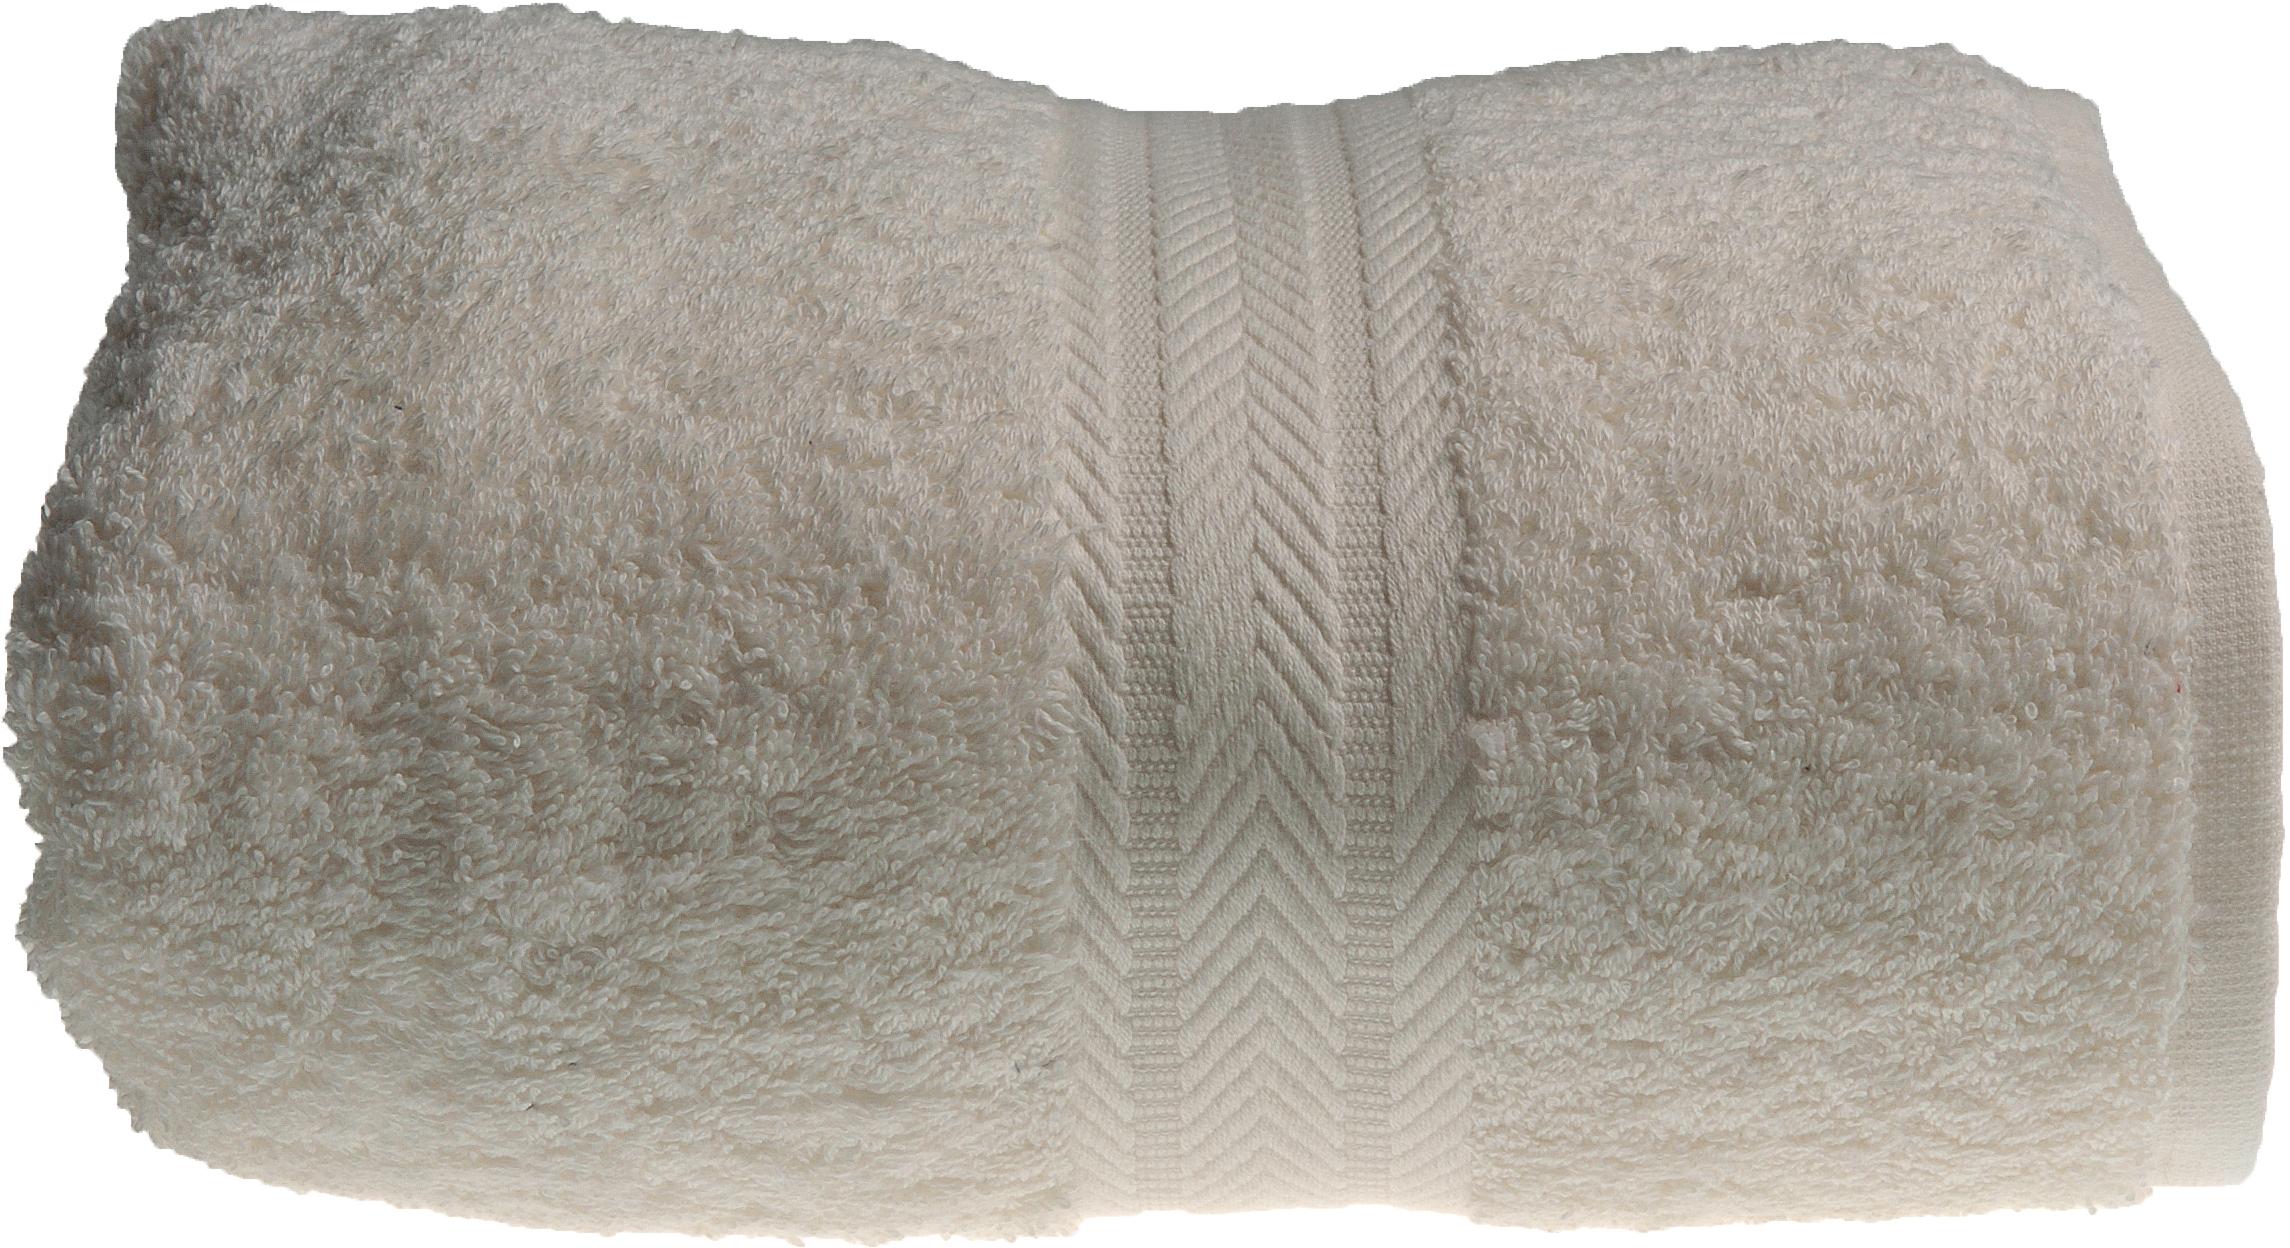 Serviette invitée 30 x 50 cm en Coton couleur Ecru (Ecru)